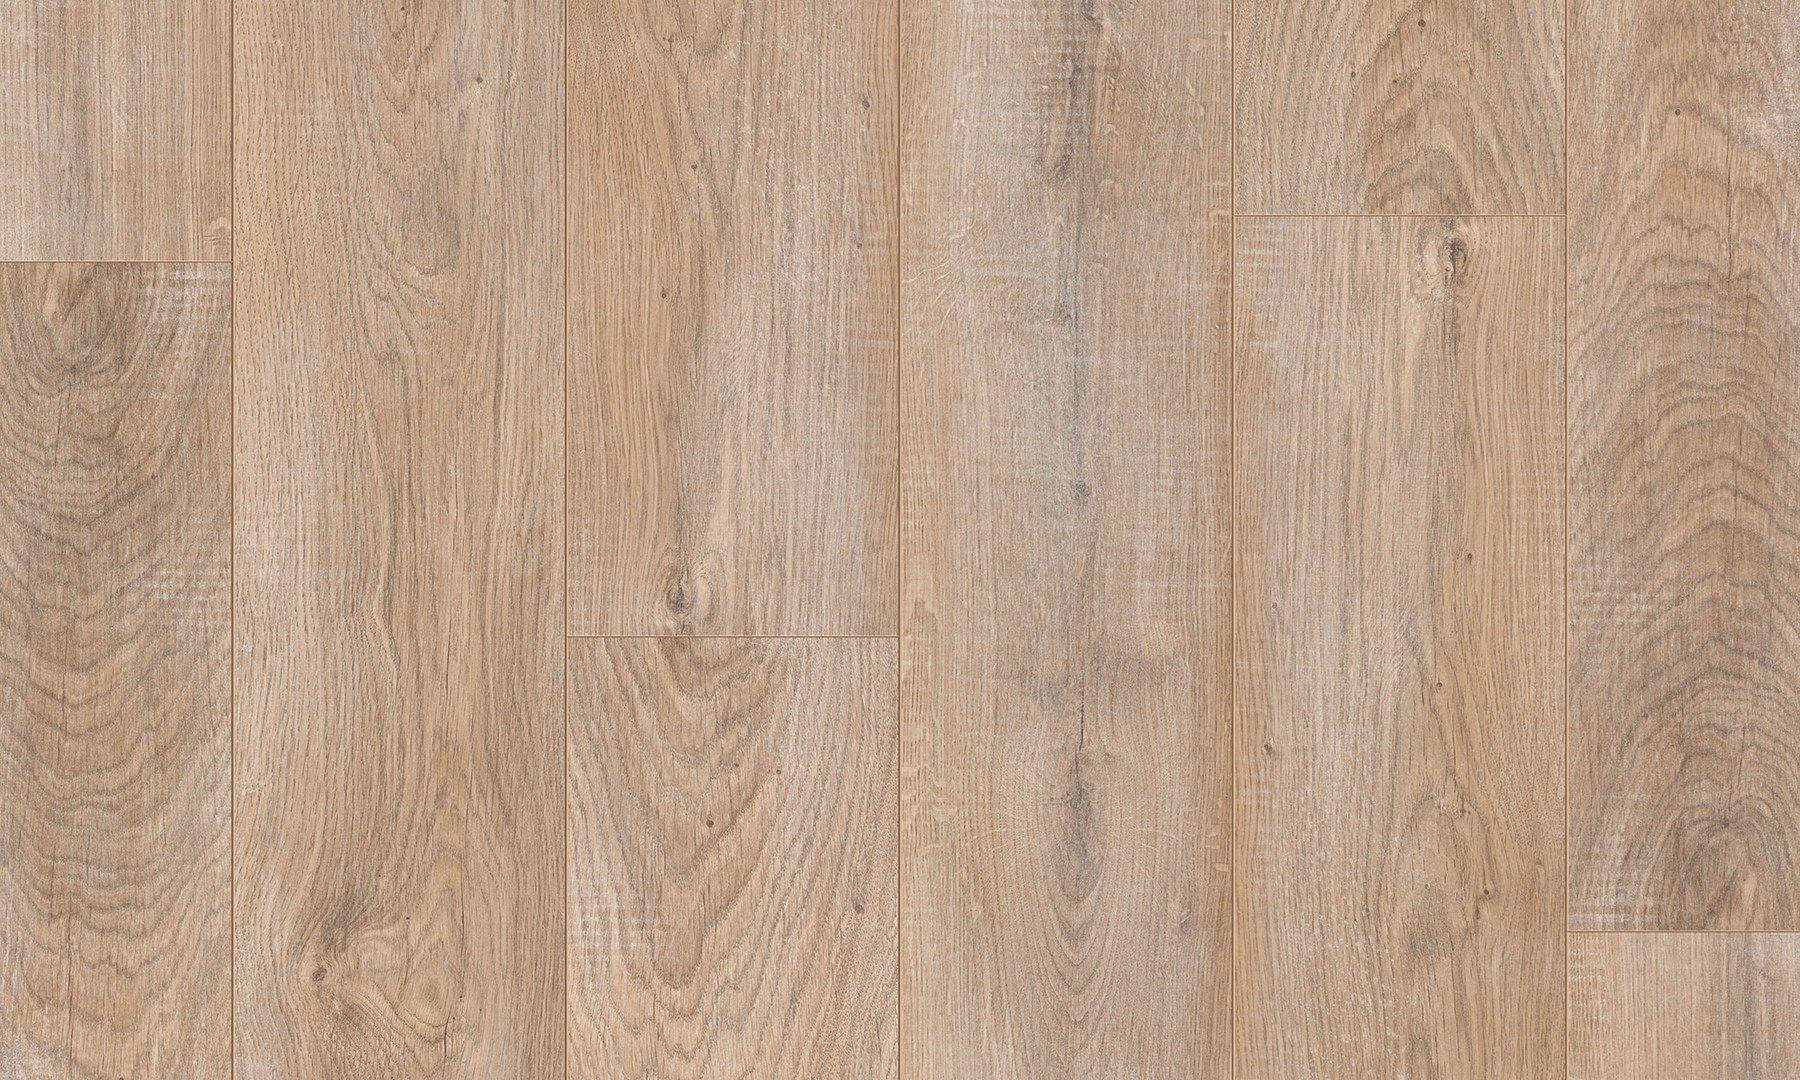 Pavimento in laminato effetto legno ROVERE DORATO SBIANCATO by Pergo